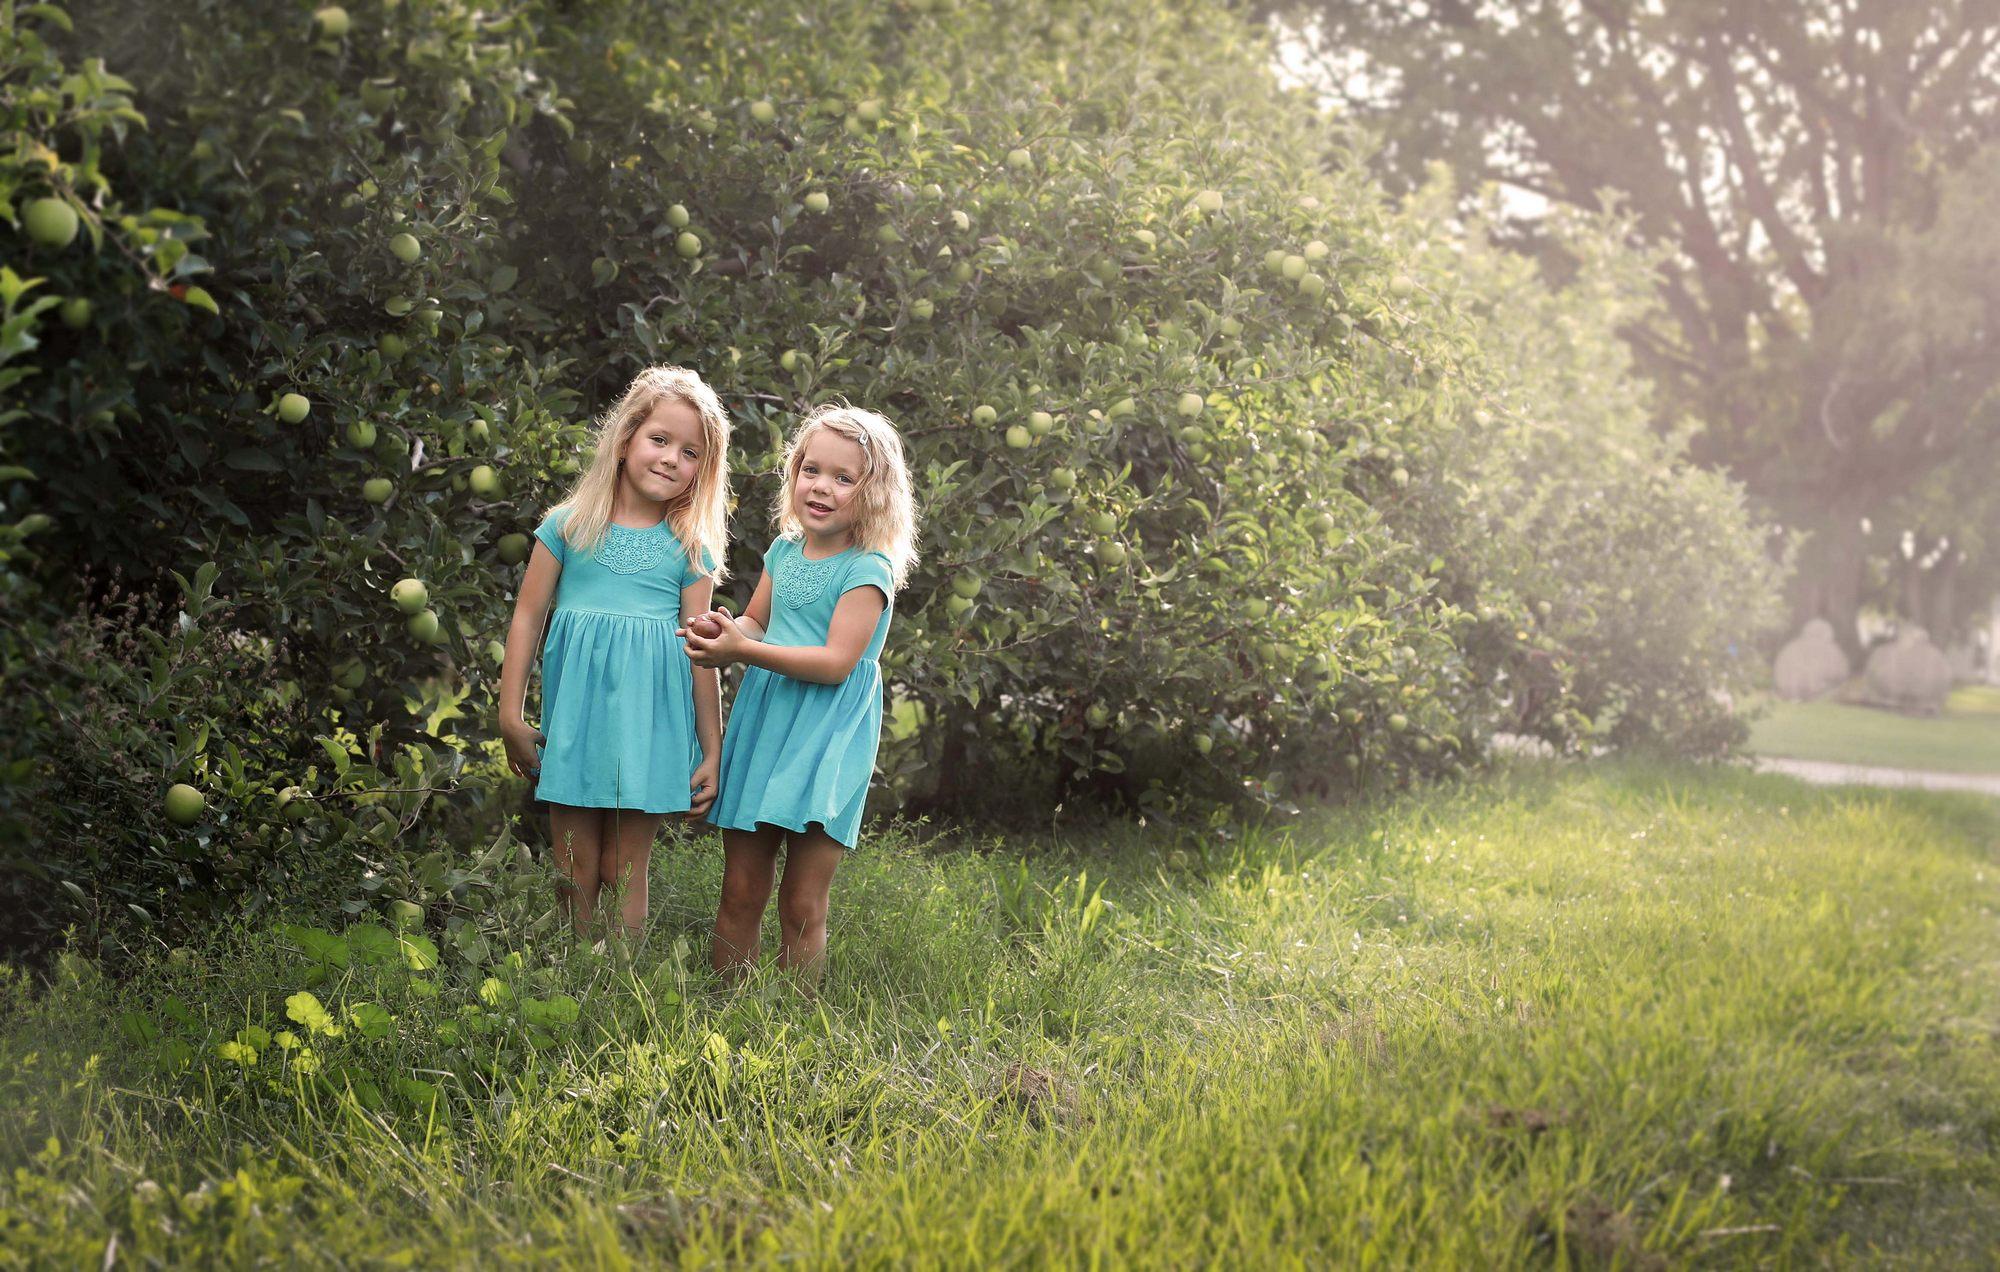 Fotografia dziecięca, portrety i pejzaż. Recenzja zdjęć na żywo. 371 Kursy i 363 AFO